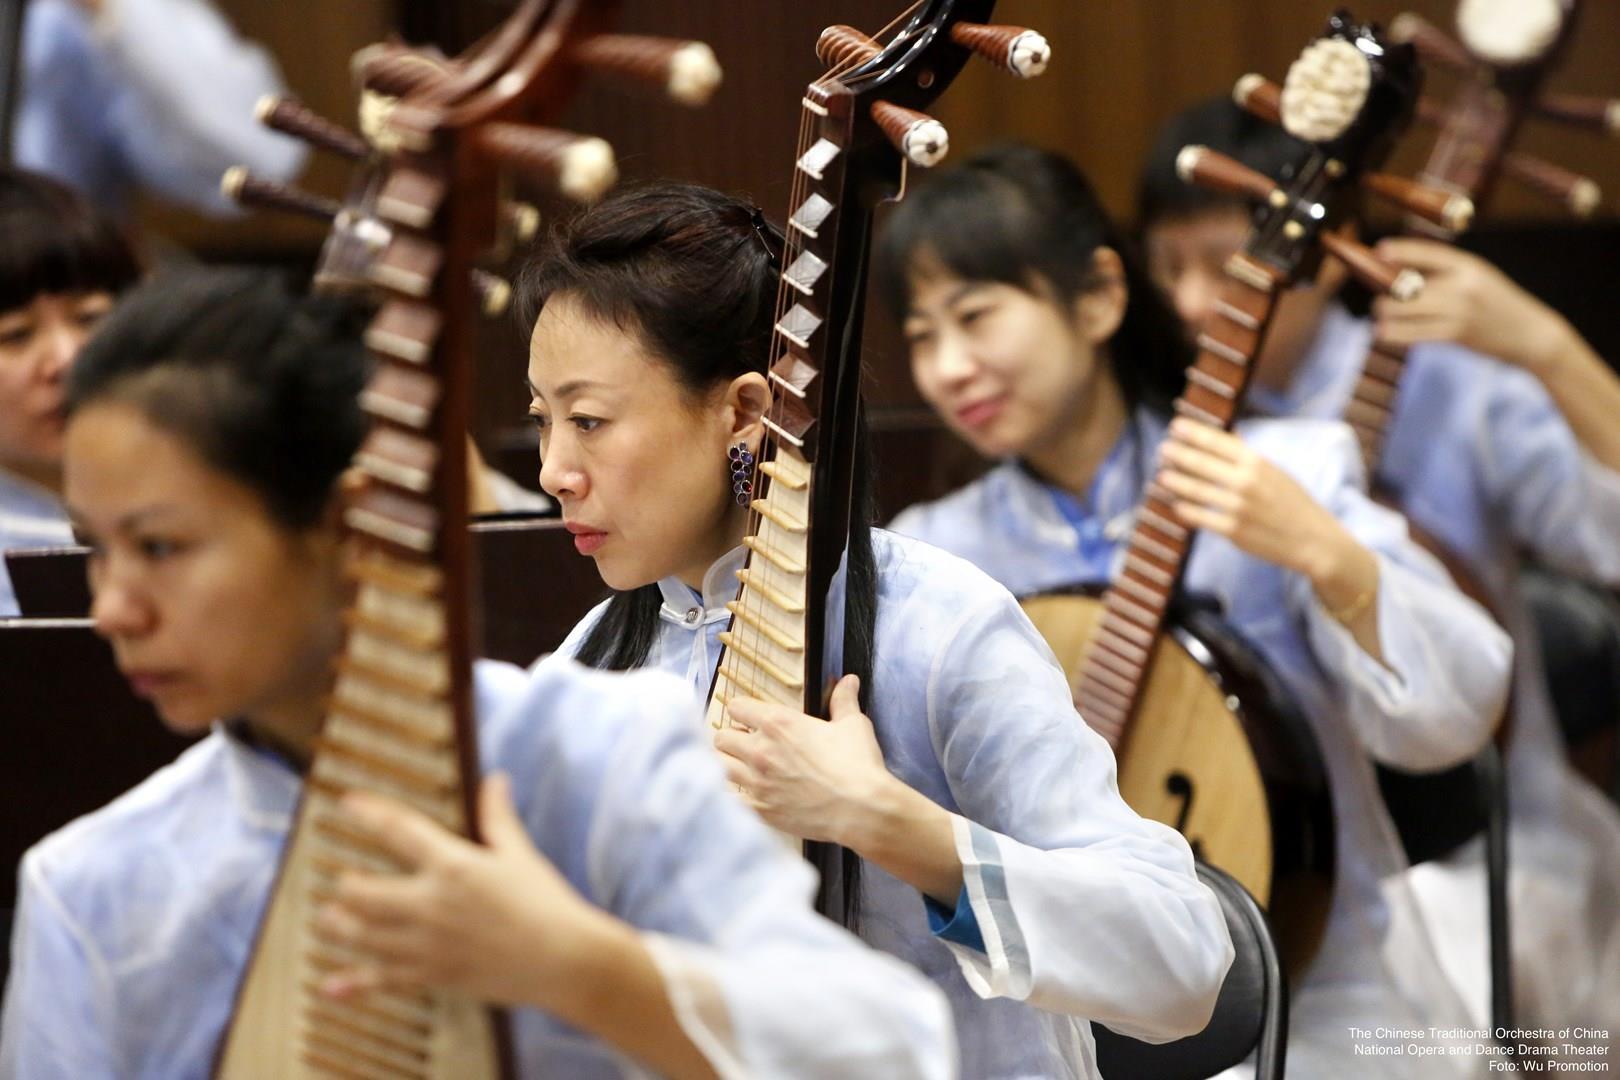 Âm nhạc trong triết lý truyền thống Trung Quốc